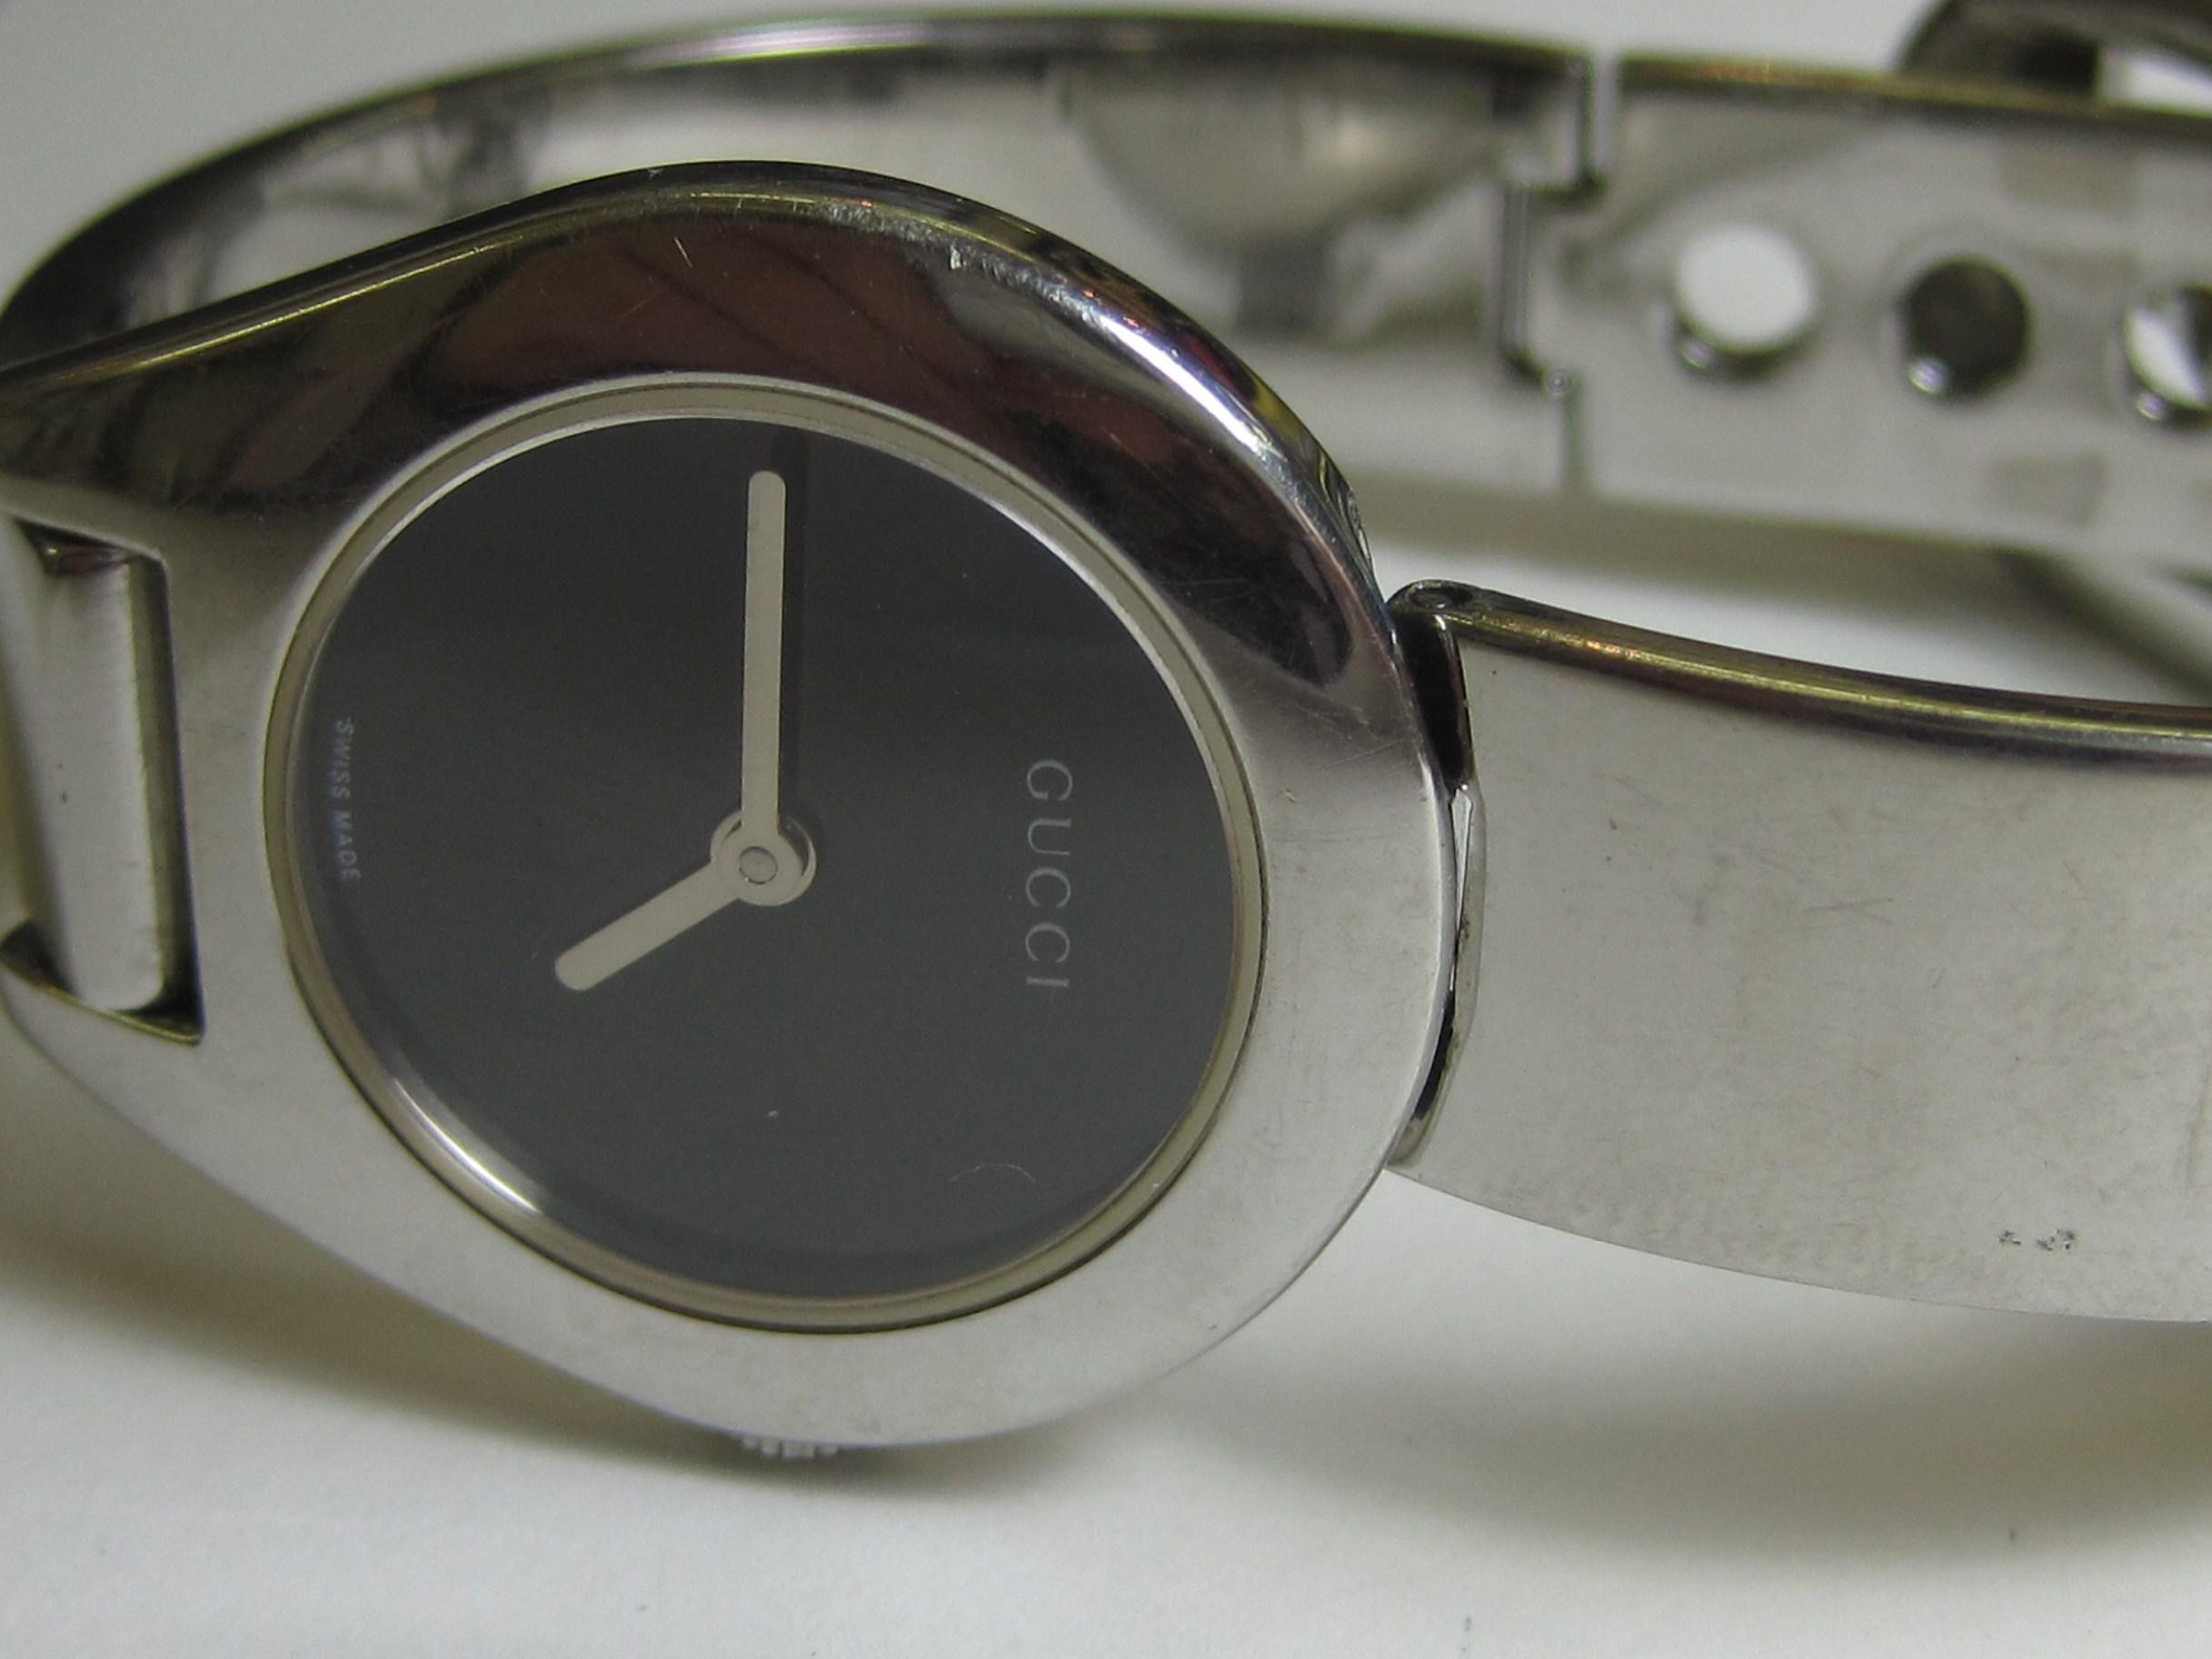 3d9b3489aec7 時計クリーニング.COM / ビフォー&アフター : シャネル